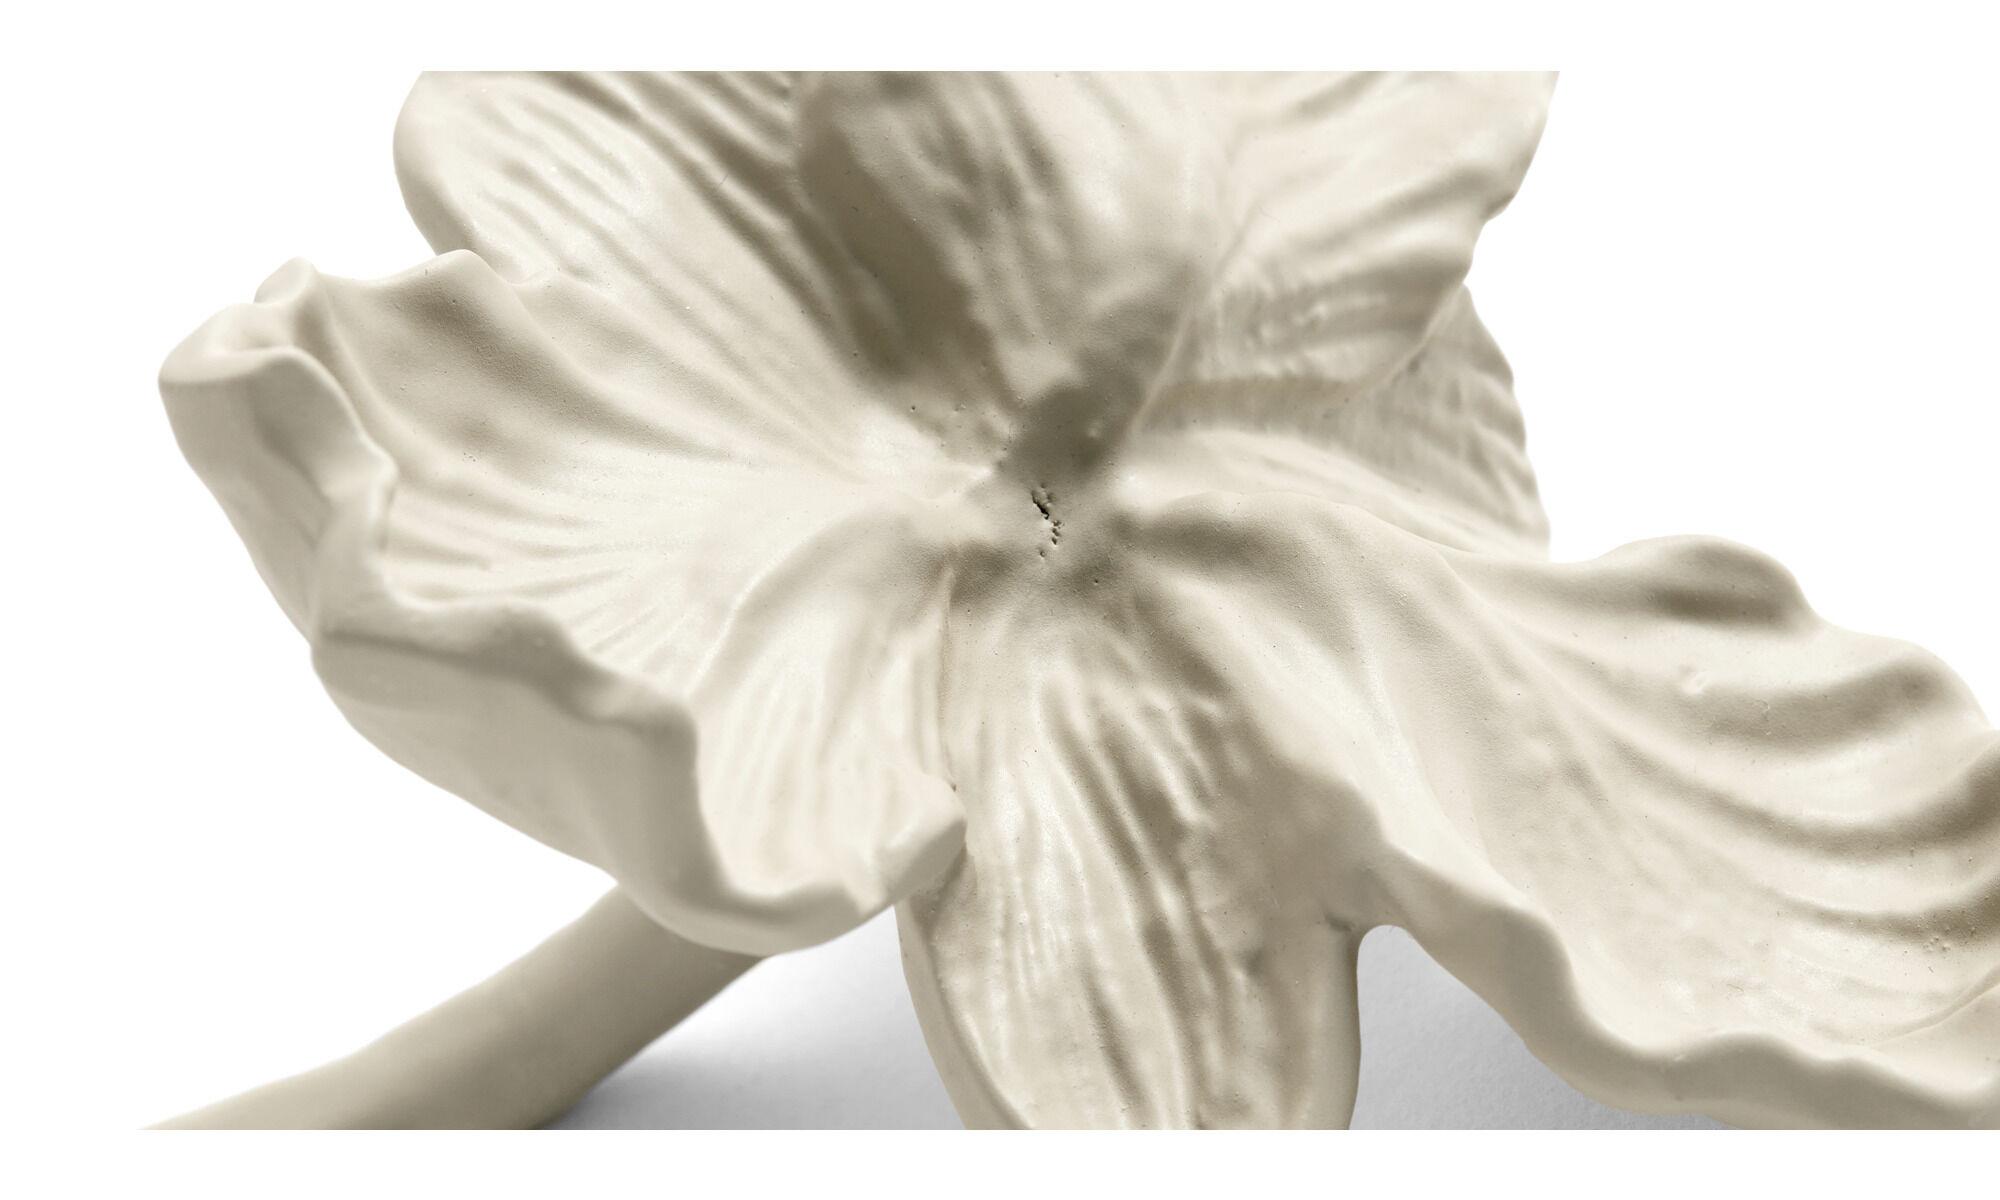 Orchid 2er Set - Blumen Metall Skulpturen